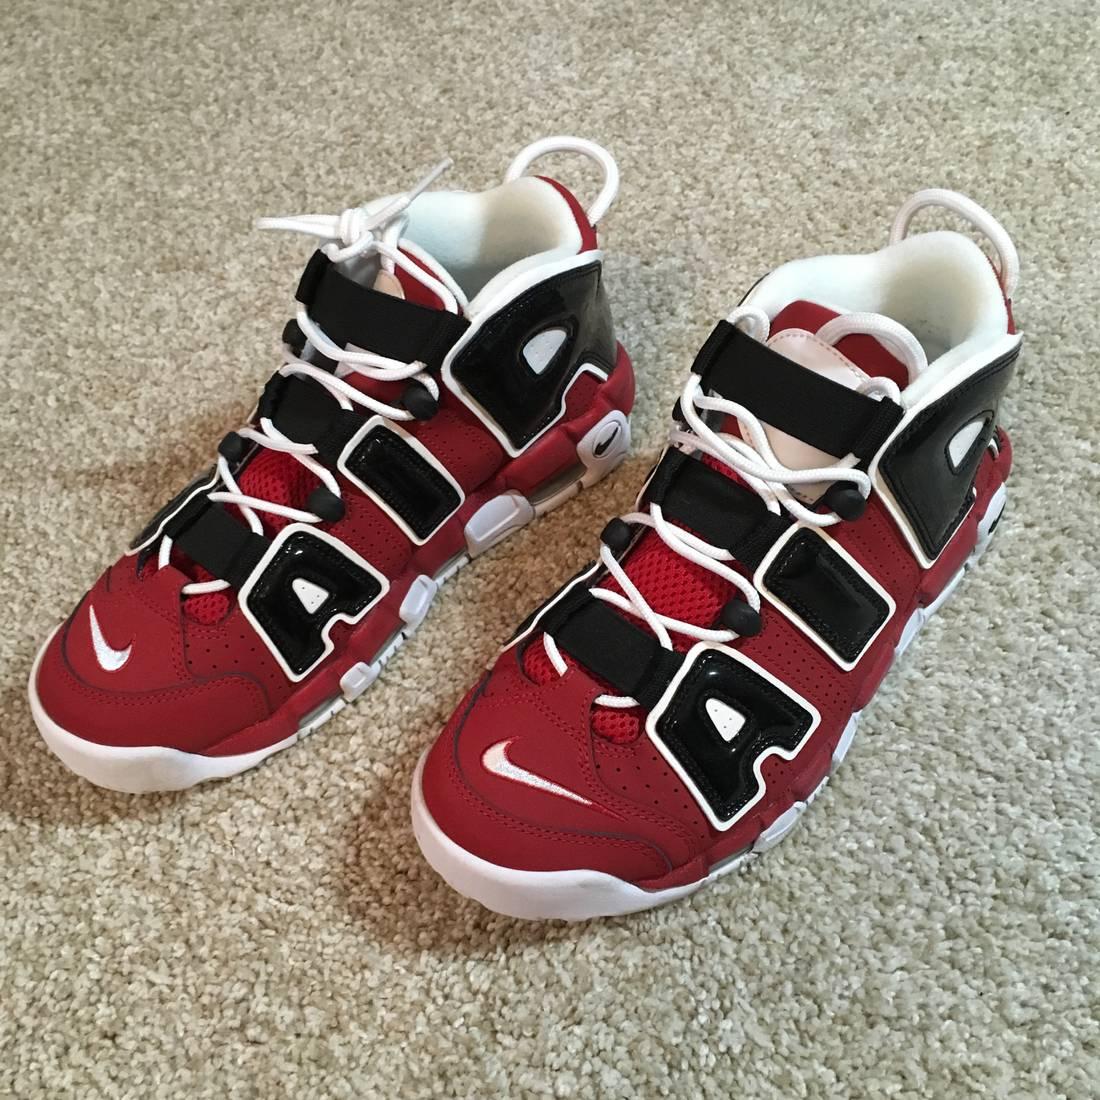 Nike USED Nike Uptempo Christmas Hoop Pack Size 8 - Hi-Top Sneakers ...